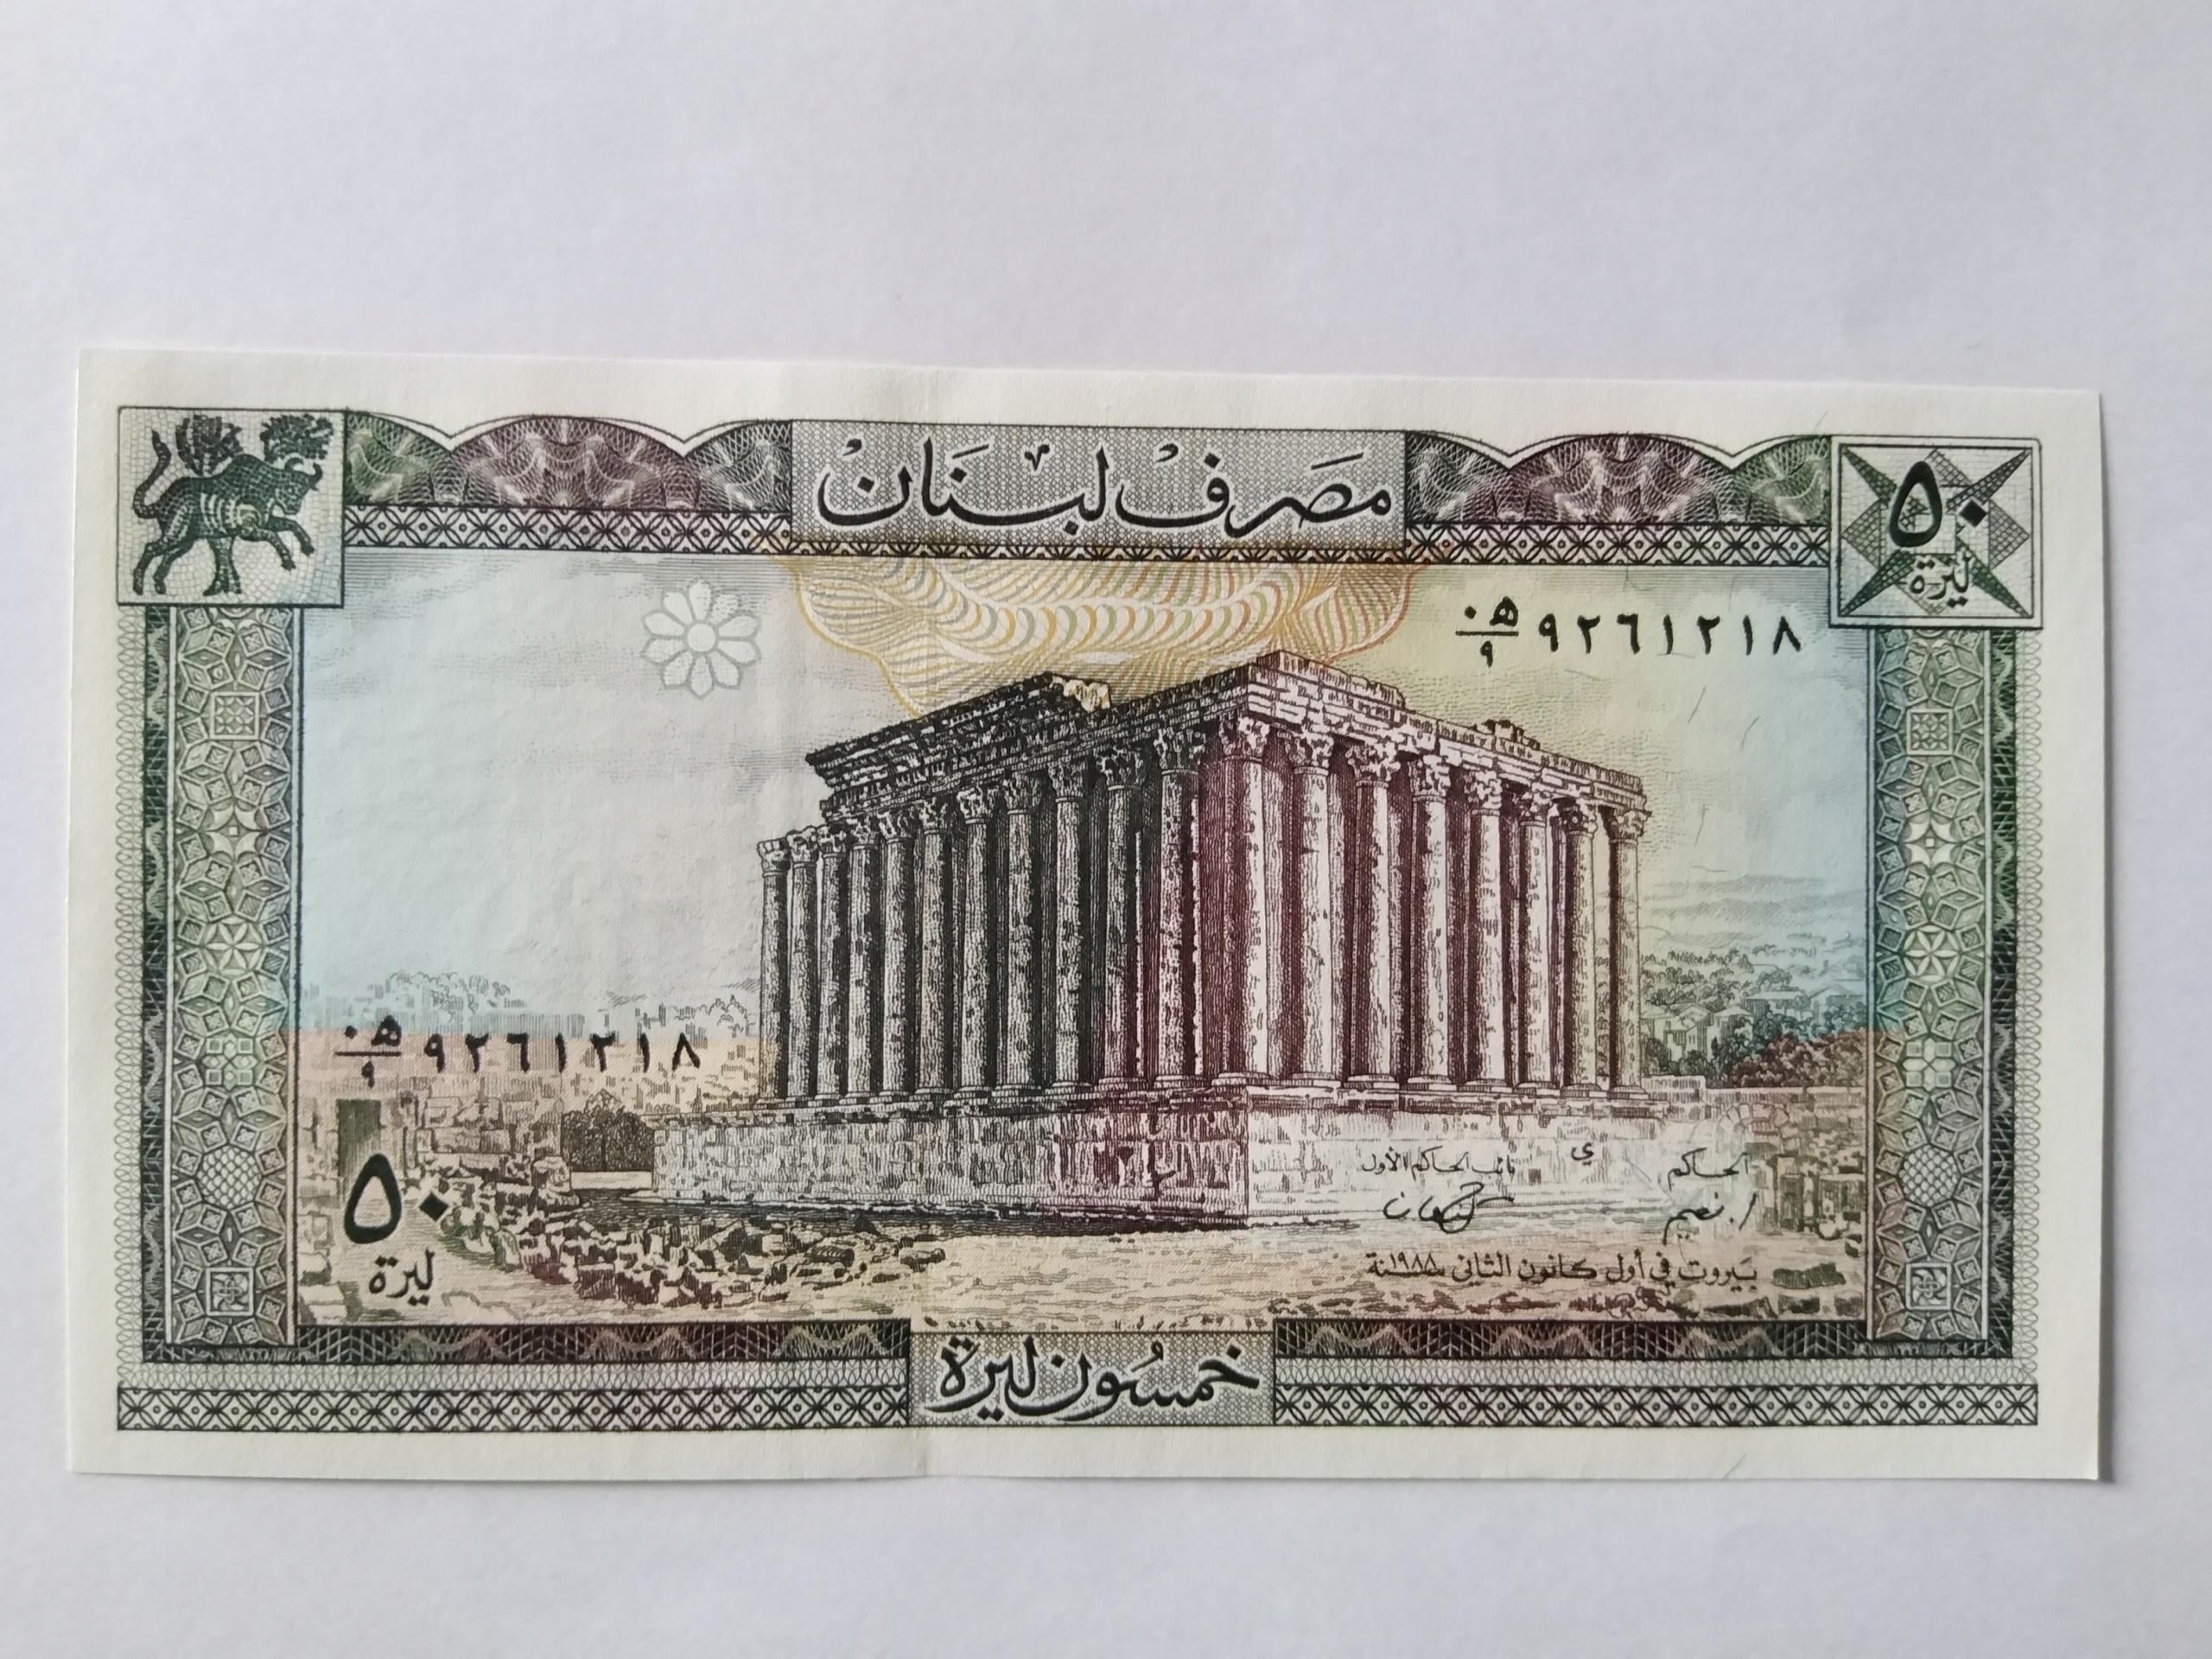 LIBANON 50 LIVRES 1988 P65d (5050)